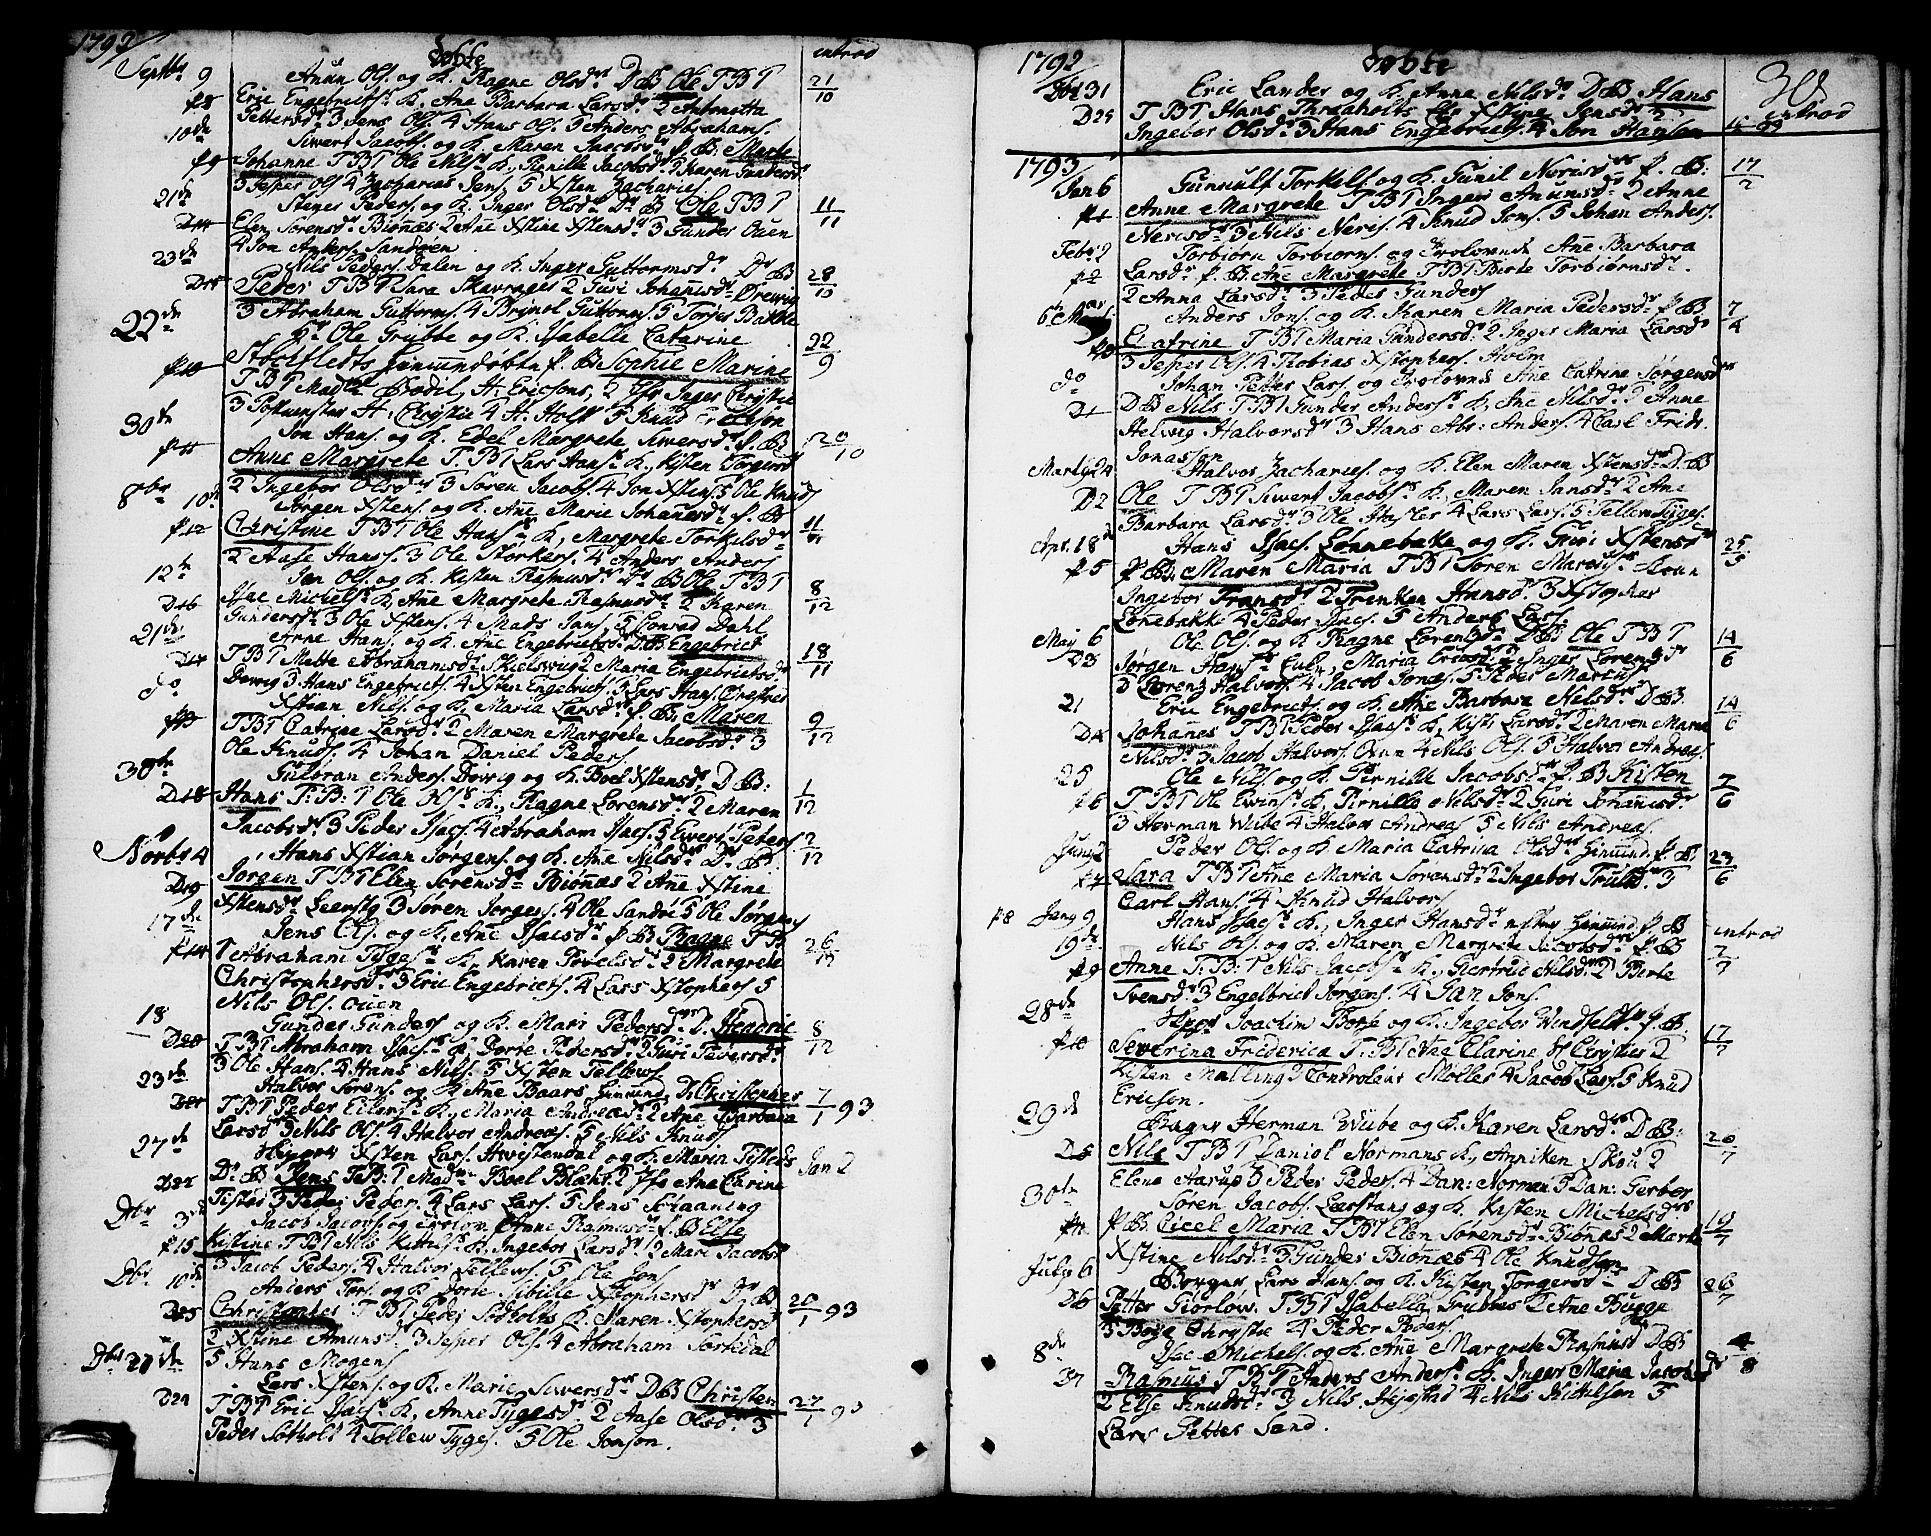 SAKO, Brevik kirkebøker, F/Fa/L0003: Ministerialbok nr. 3, 1764-1814, s. 30